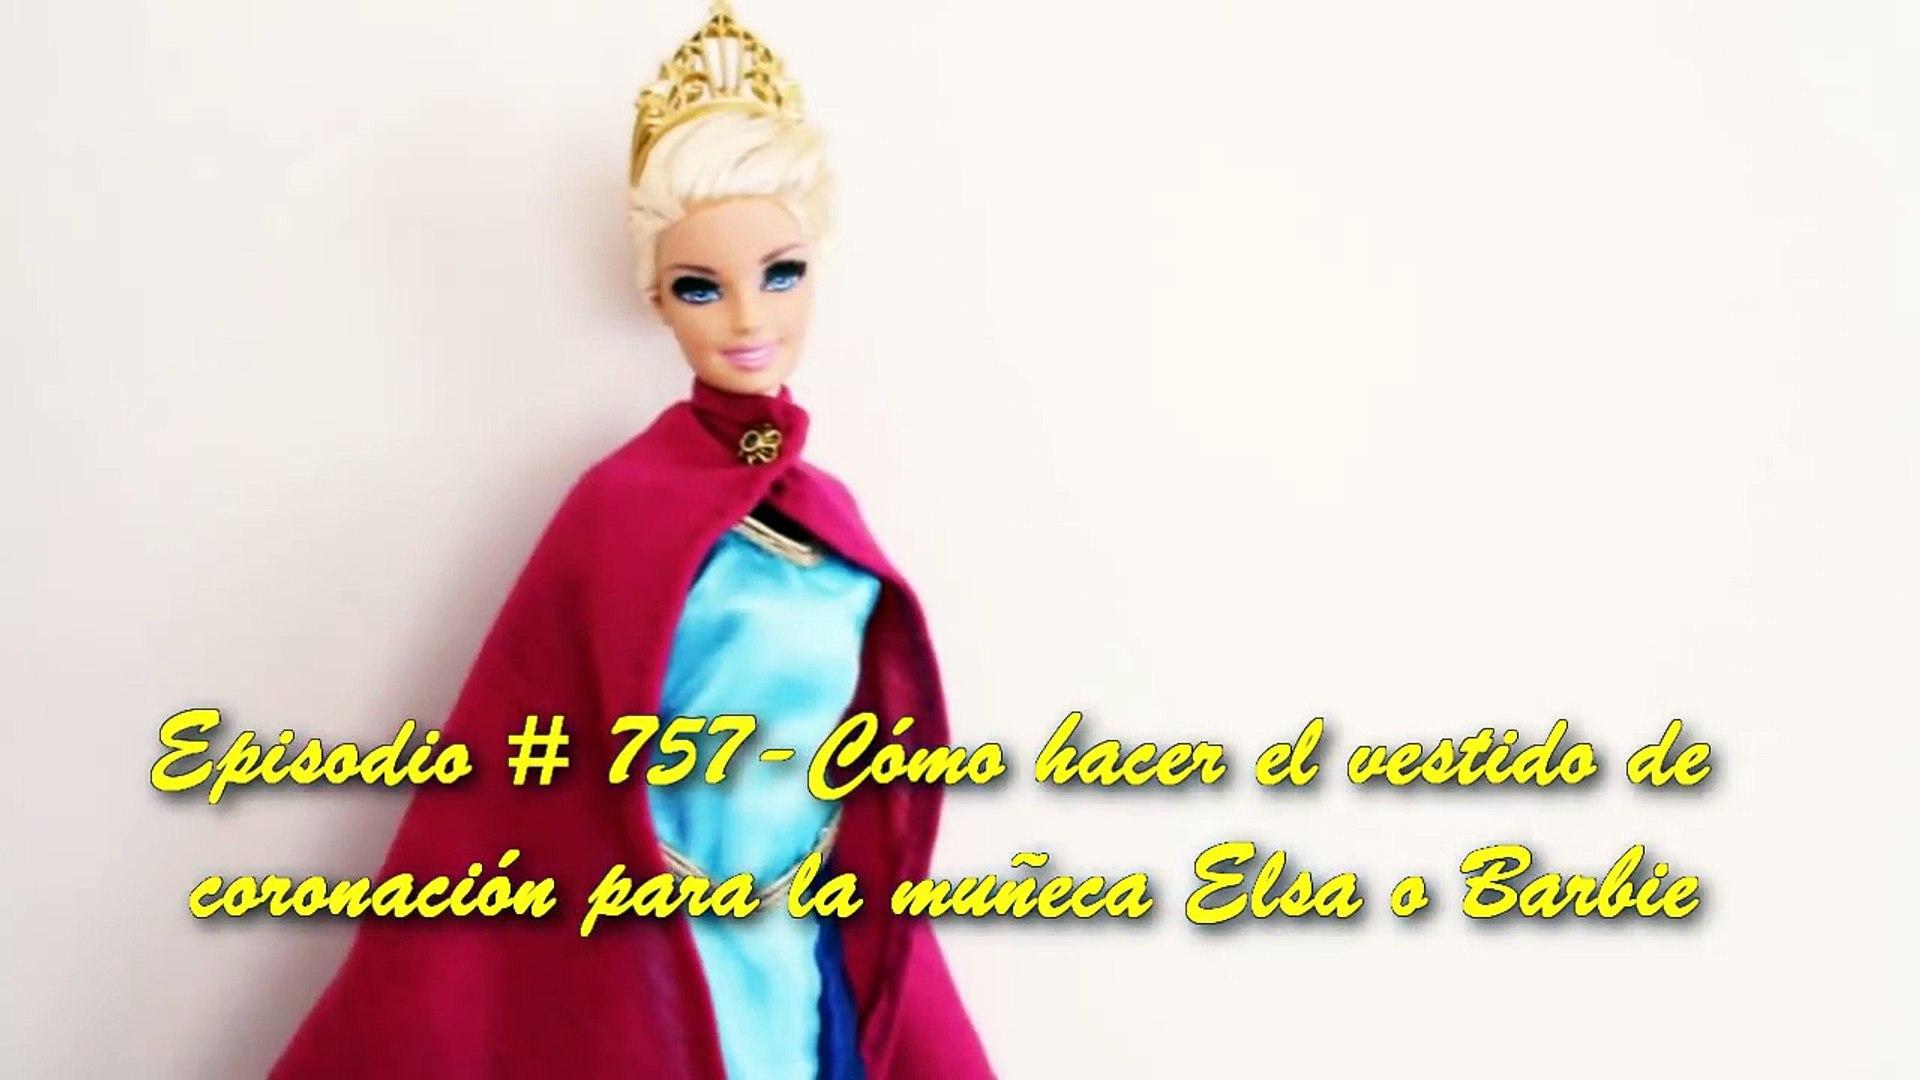 Manualidades Para Muñecas Cómo Hacer Una El Vestido De Coronación Para Elsa De La Película Frozen